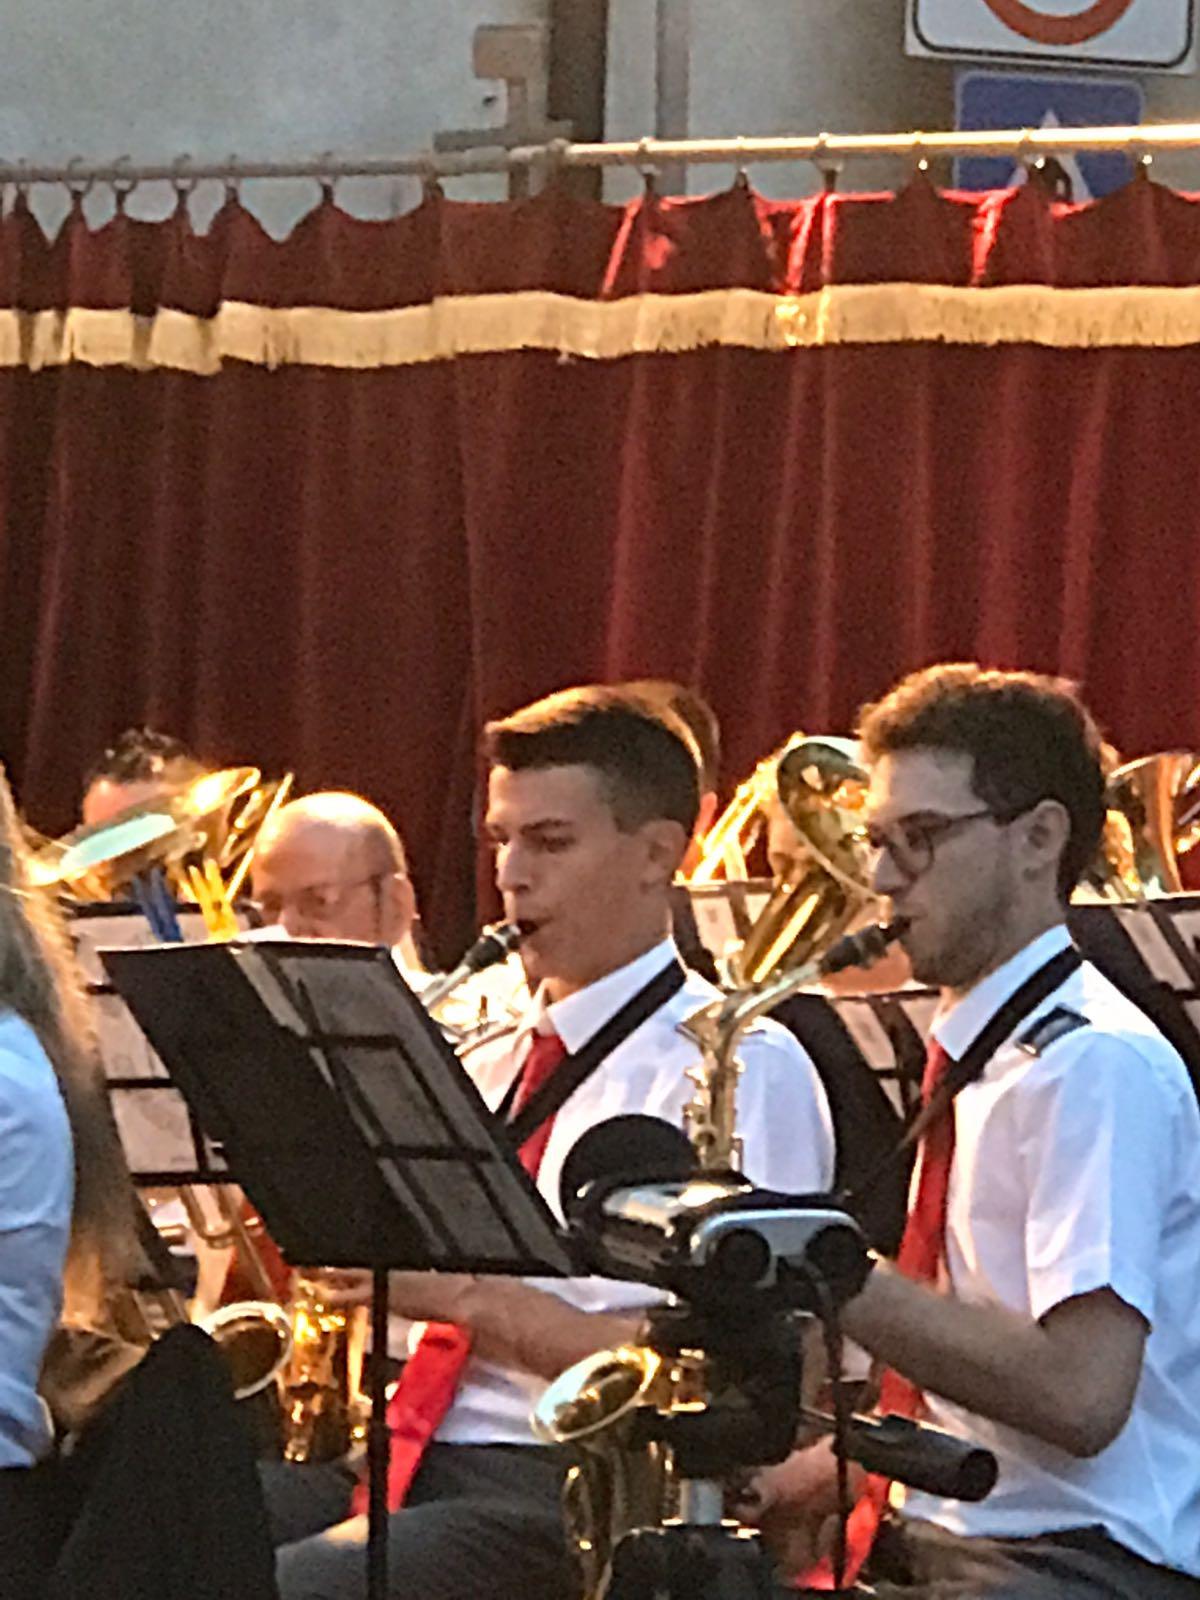 Concerto Caprino